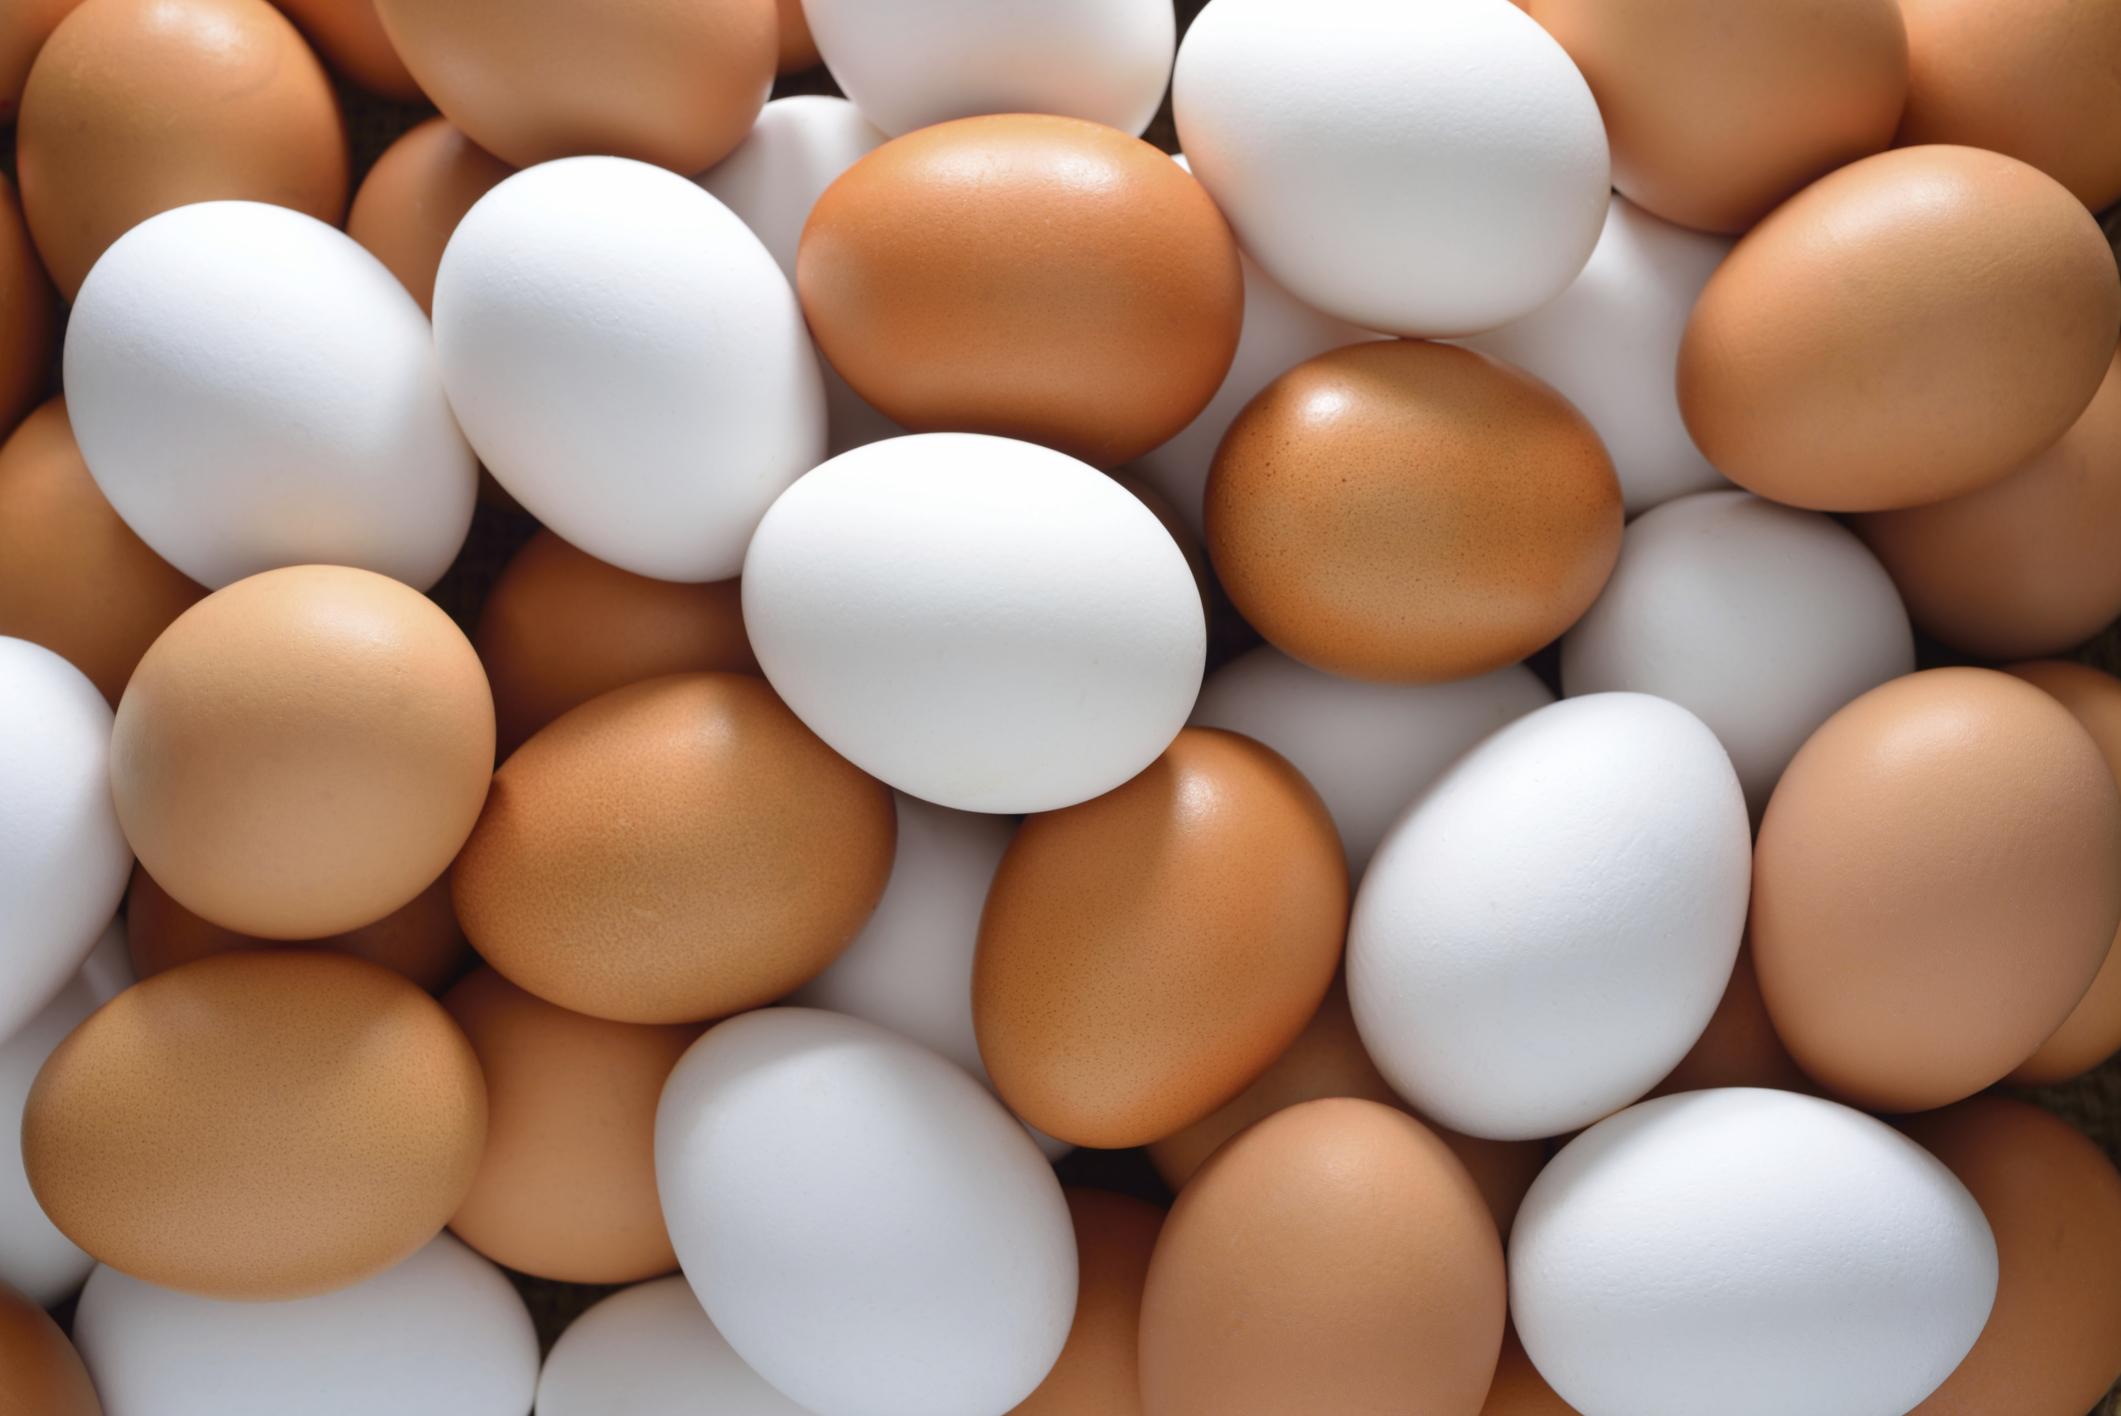 Яйца полезны против опухолевых уплотнений